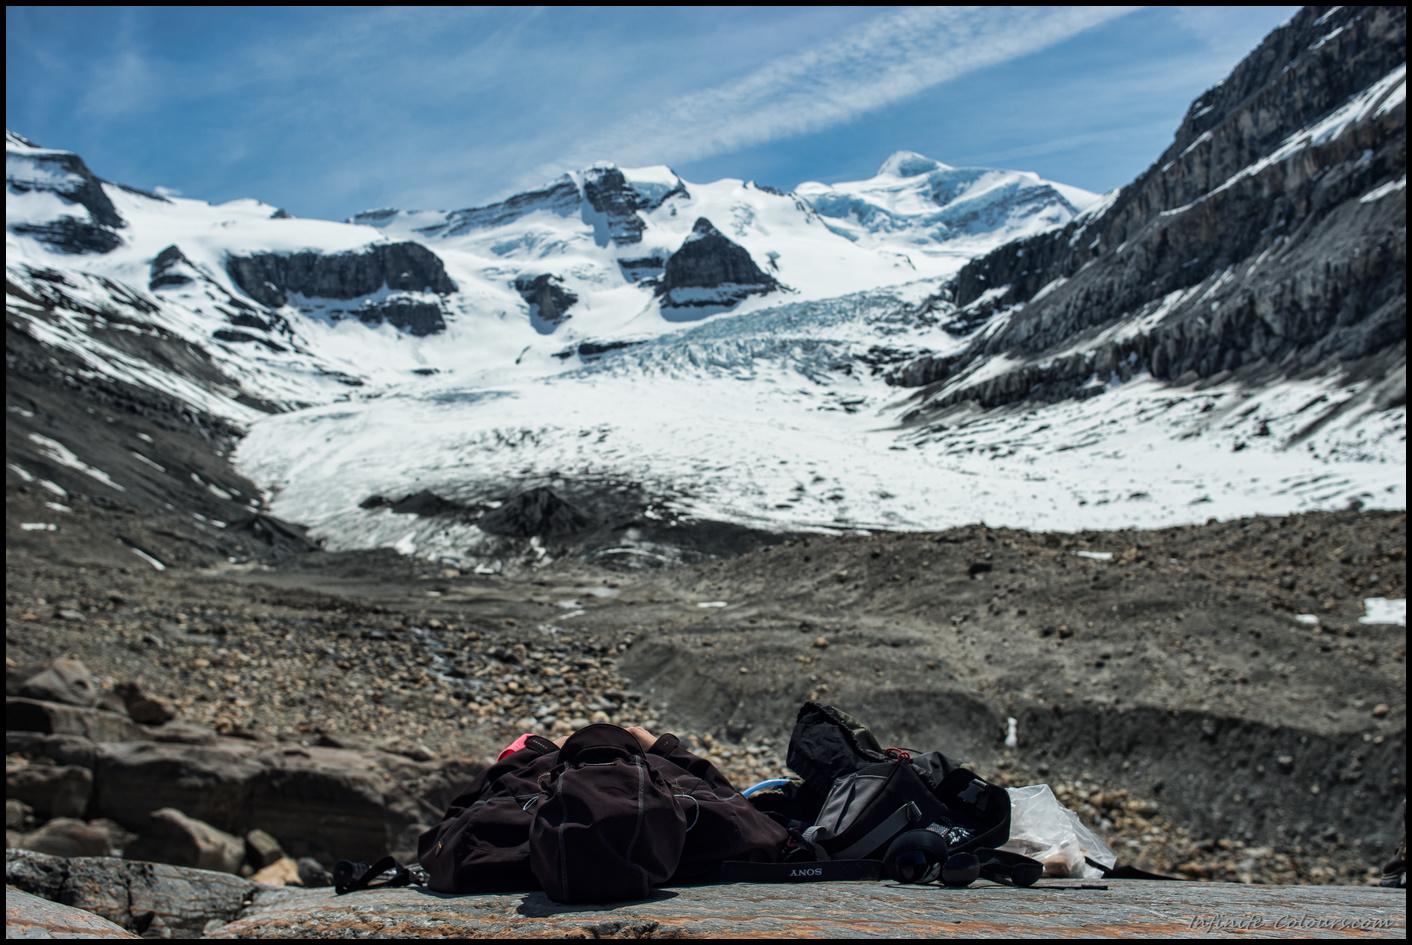 Taking a nap at the foot of Robson glacier, Berg Lake